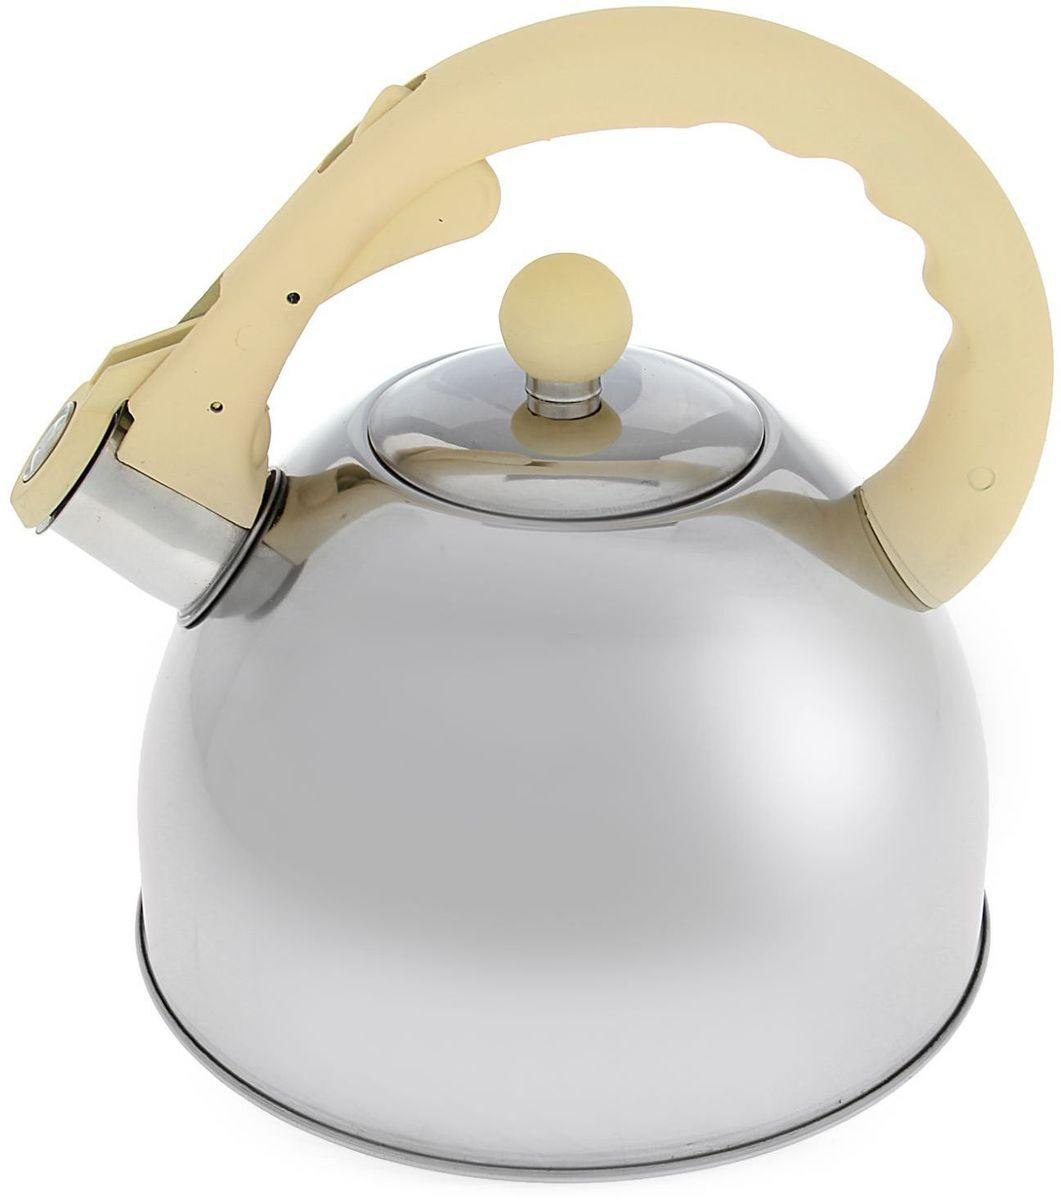 Чайник Доляна Бэйсик, со свистком, цвет: бежевый, 2,5 л1405197Бытовая посуда из нержавеющей стали славится неприхотливостью в уходе и безукоризненной функциональностью. Коррозиестойкий сплав обеспечивает гигиеничность изделий. Чайники из этого материала абсолютно безопасны для здоровья человека. Чем привлекательна посуда из нержавейки? Чайник из нержавеющей стали станет удачной находкой для дома или ресторана: благодаря низкой теплопроводности модели вода дольше остается горячей; необычный дизайн радует глаз и поднимает настроение; качественное дно гарантирует быстрый нагрев. Как продлить срок службы? Ухаживать за новым приобретением элементарно просто, но стоит помнить о нескольких нехитрых правилах. Во-первых, не следует применять абразивные инструменты и сильнохлорированные моющие средства. Во-вторых, не оставляйте пустую посуду на плите. В-третьих, если вы уезжаете из дома на длительное время - выливайте воду из чайника. Если на внутренней поверхности изделия появились пятна, используйте для их удаления несколько капель уксусной или лимонной...